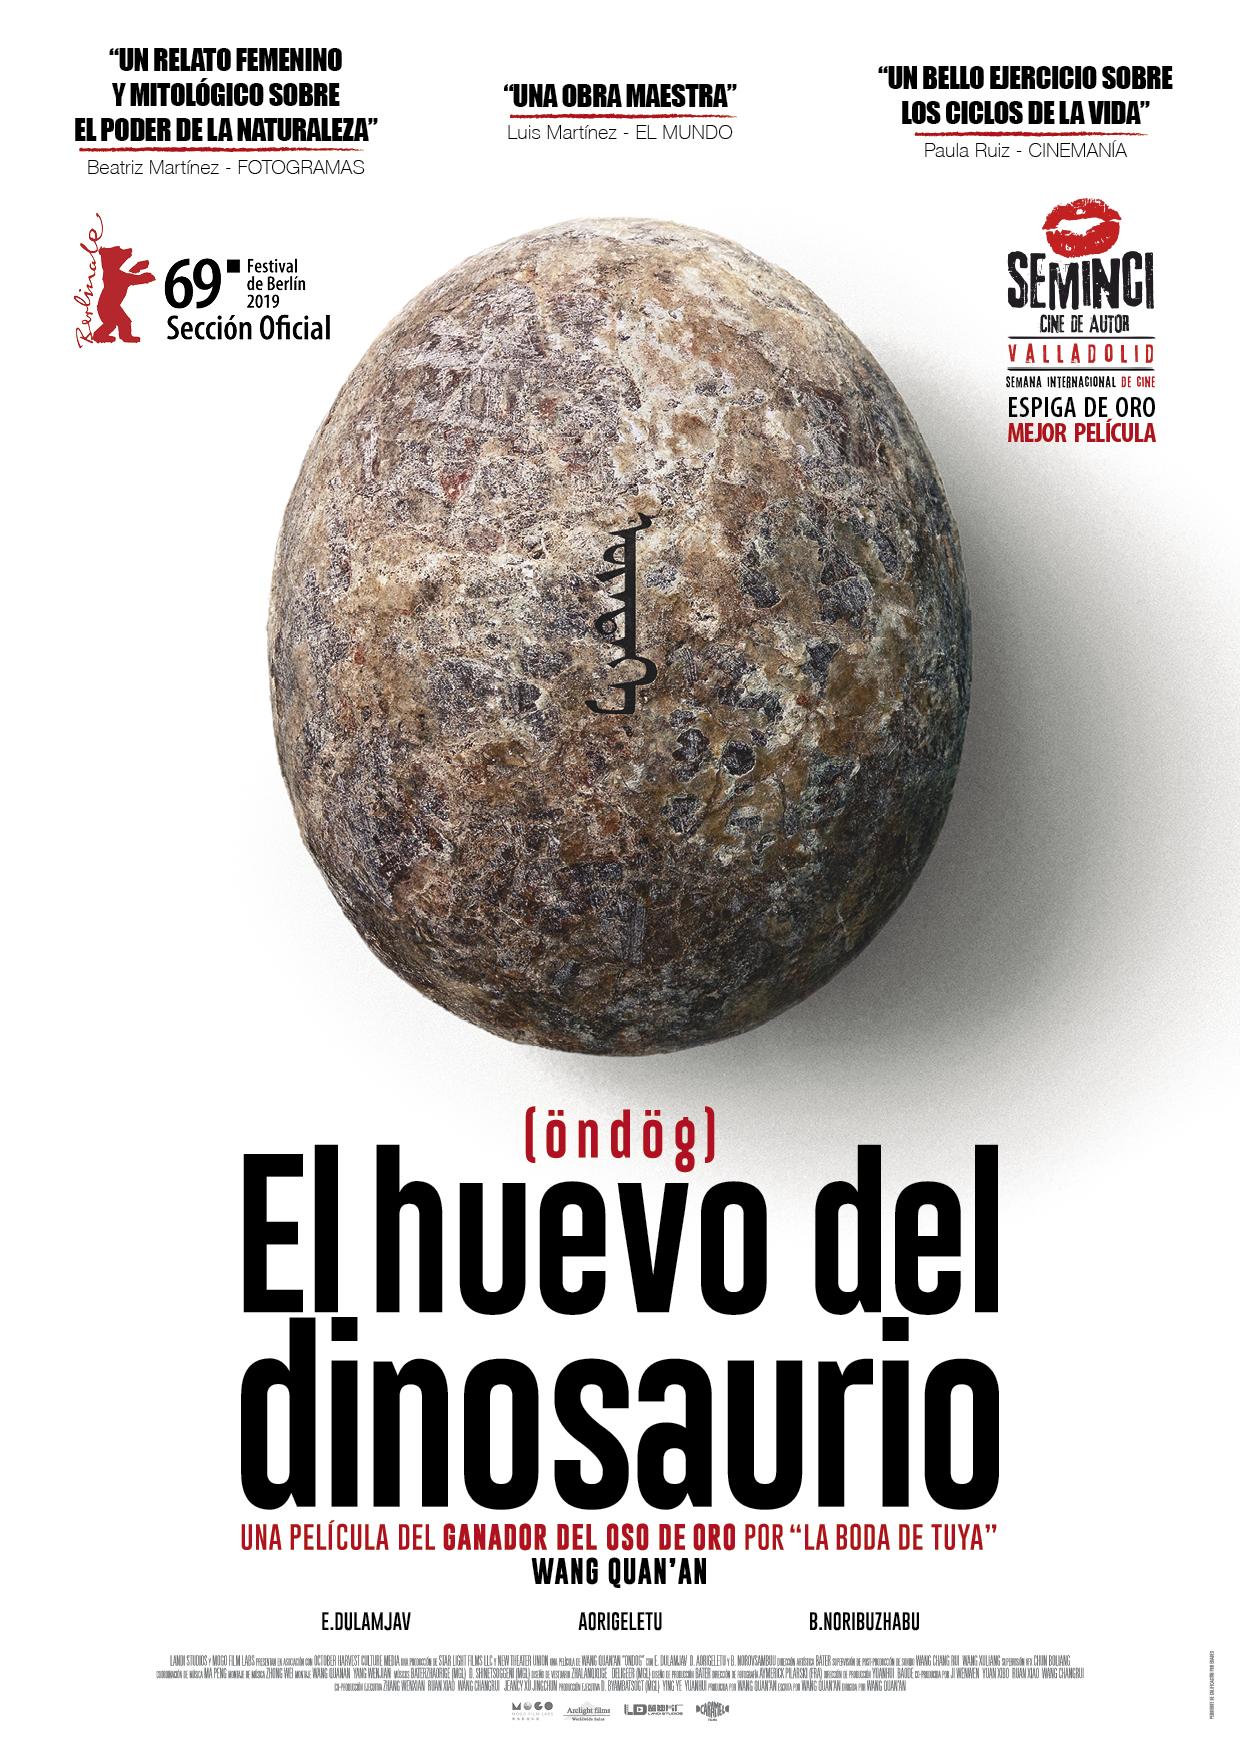 Cartel de El huevo del dinosaurio